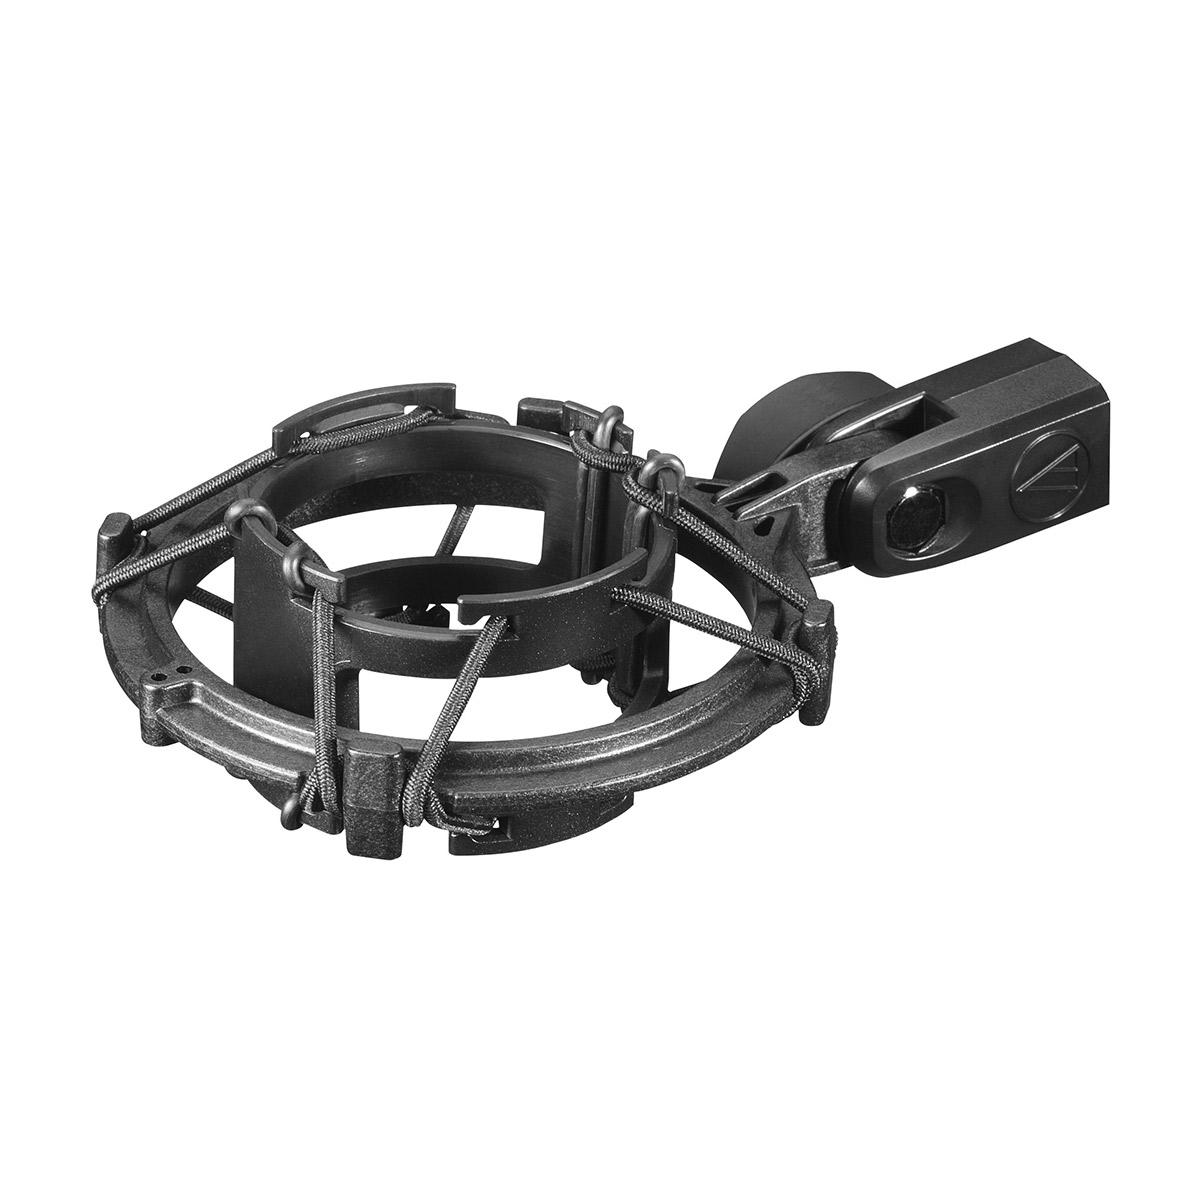 audio-technica 高価値 AT8458a ショックマウント オーディオテクニカ 2020モデル